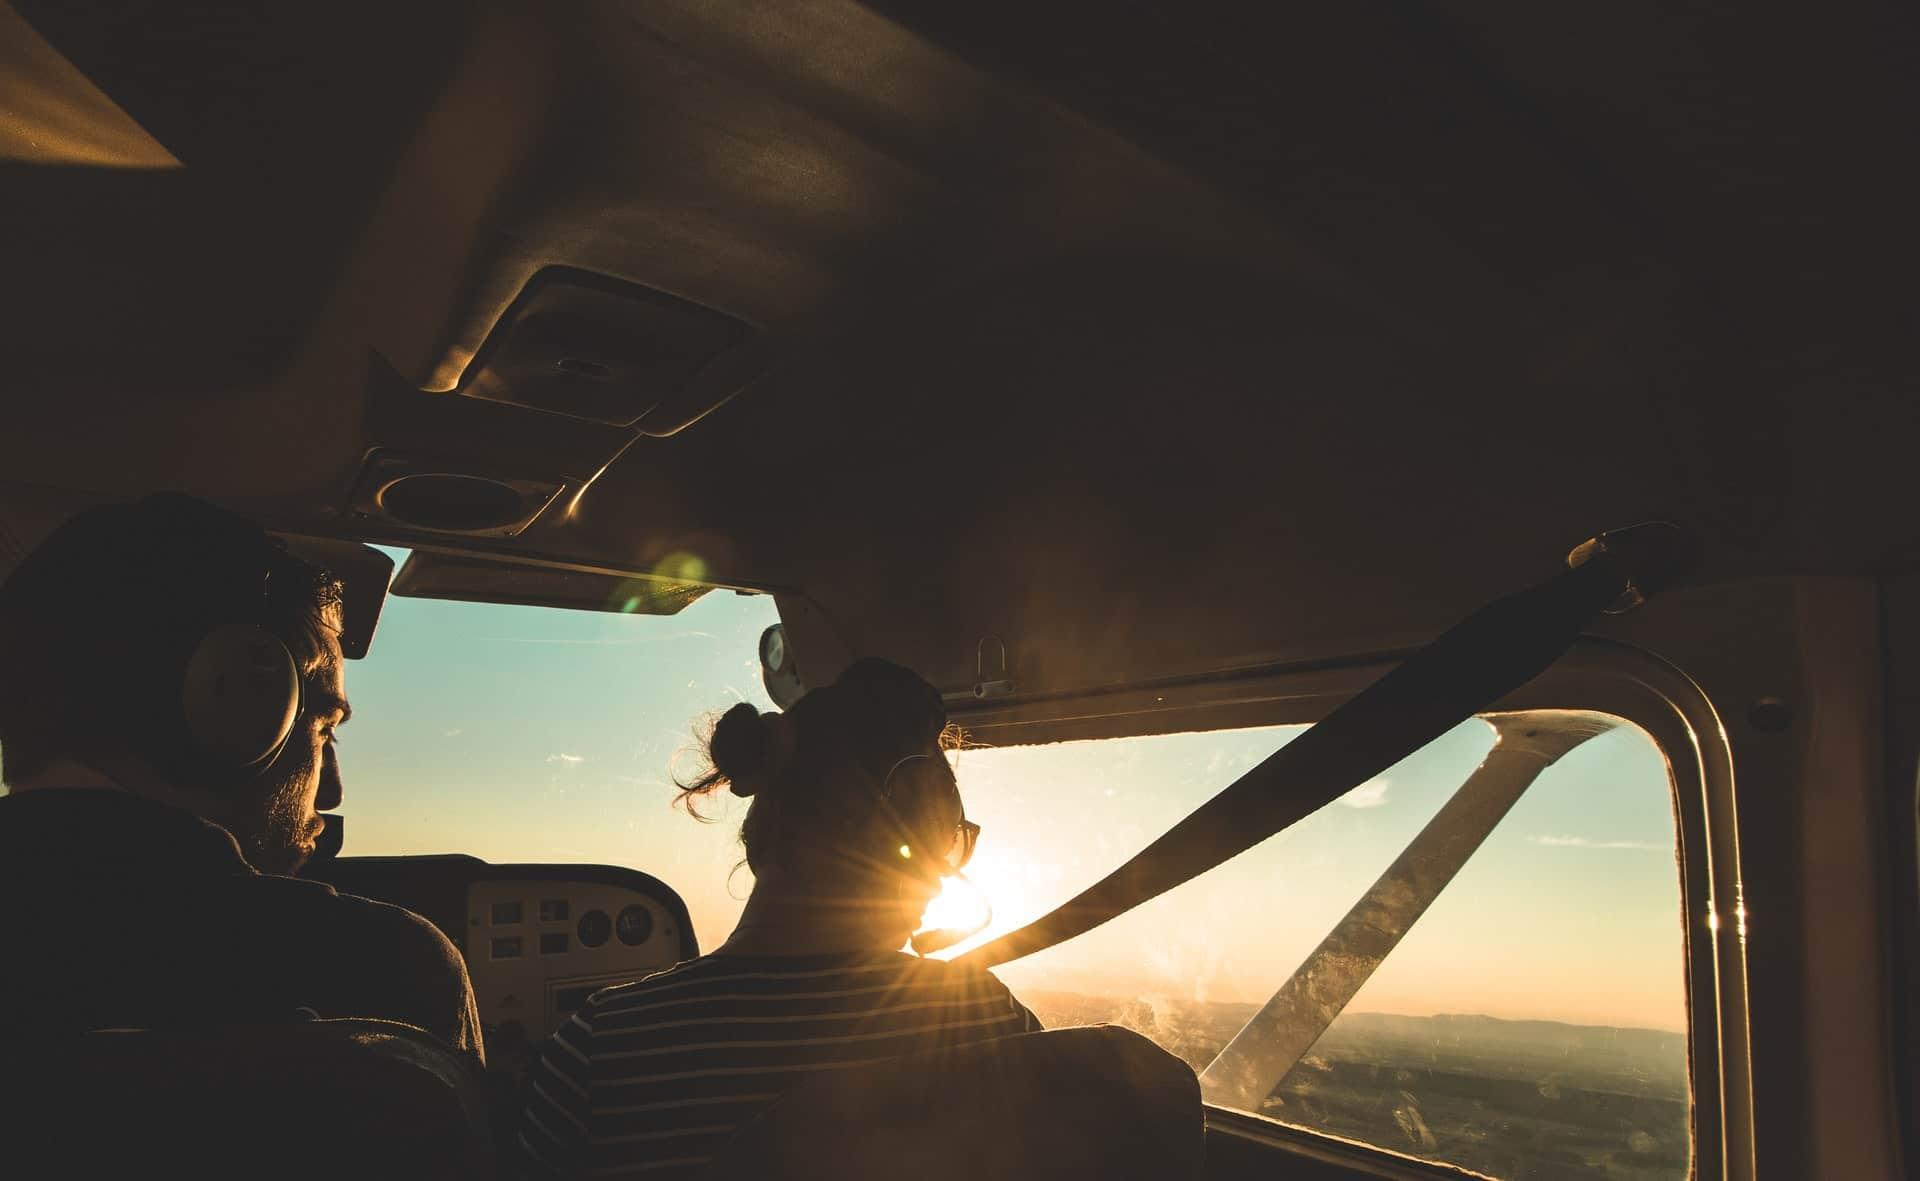 baptême de l'air expérience vol paris avion apprendre à voler piloter